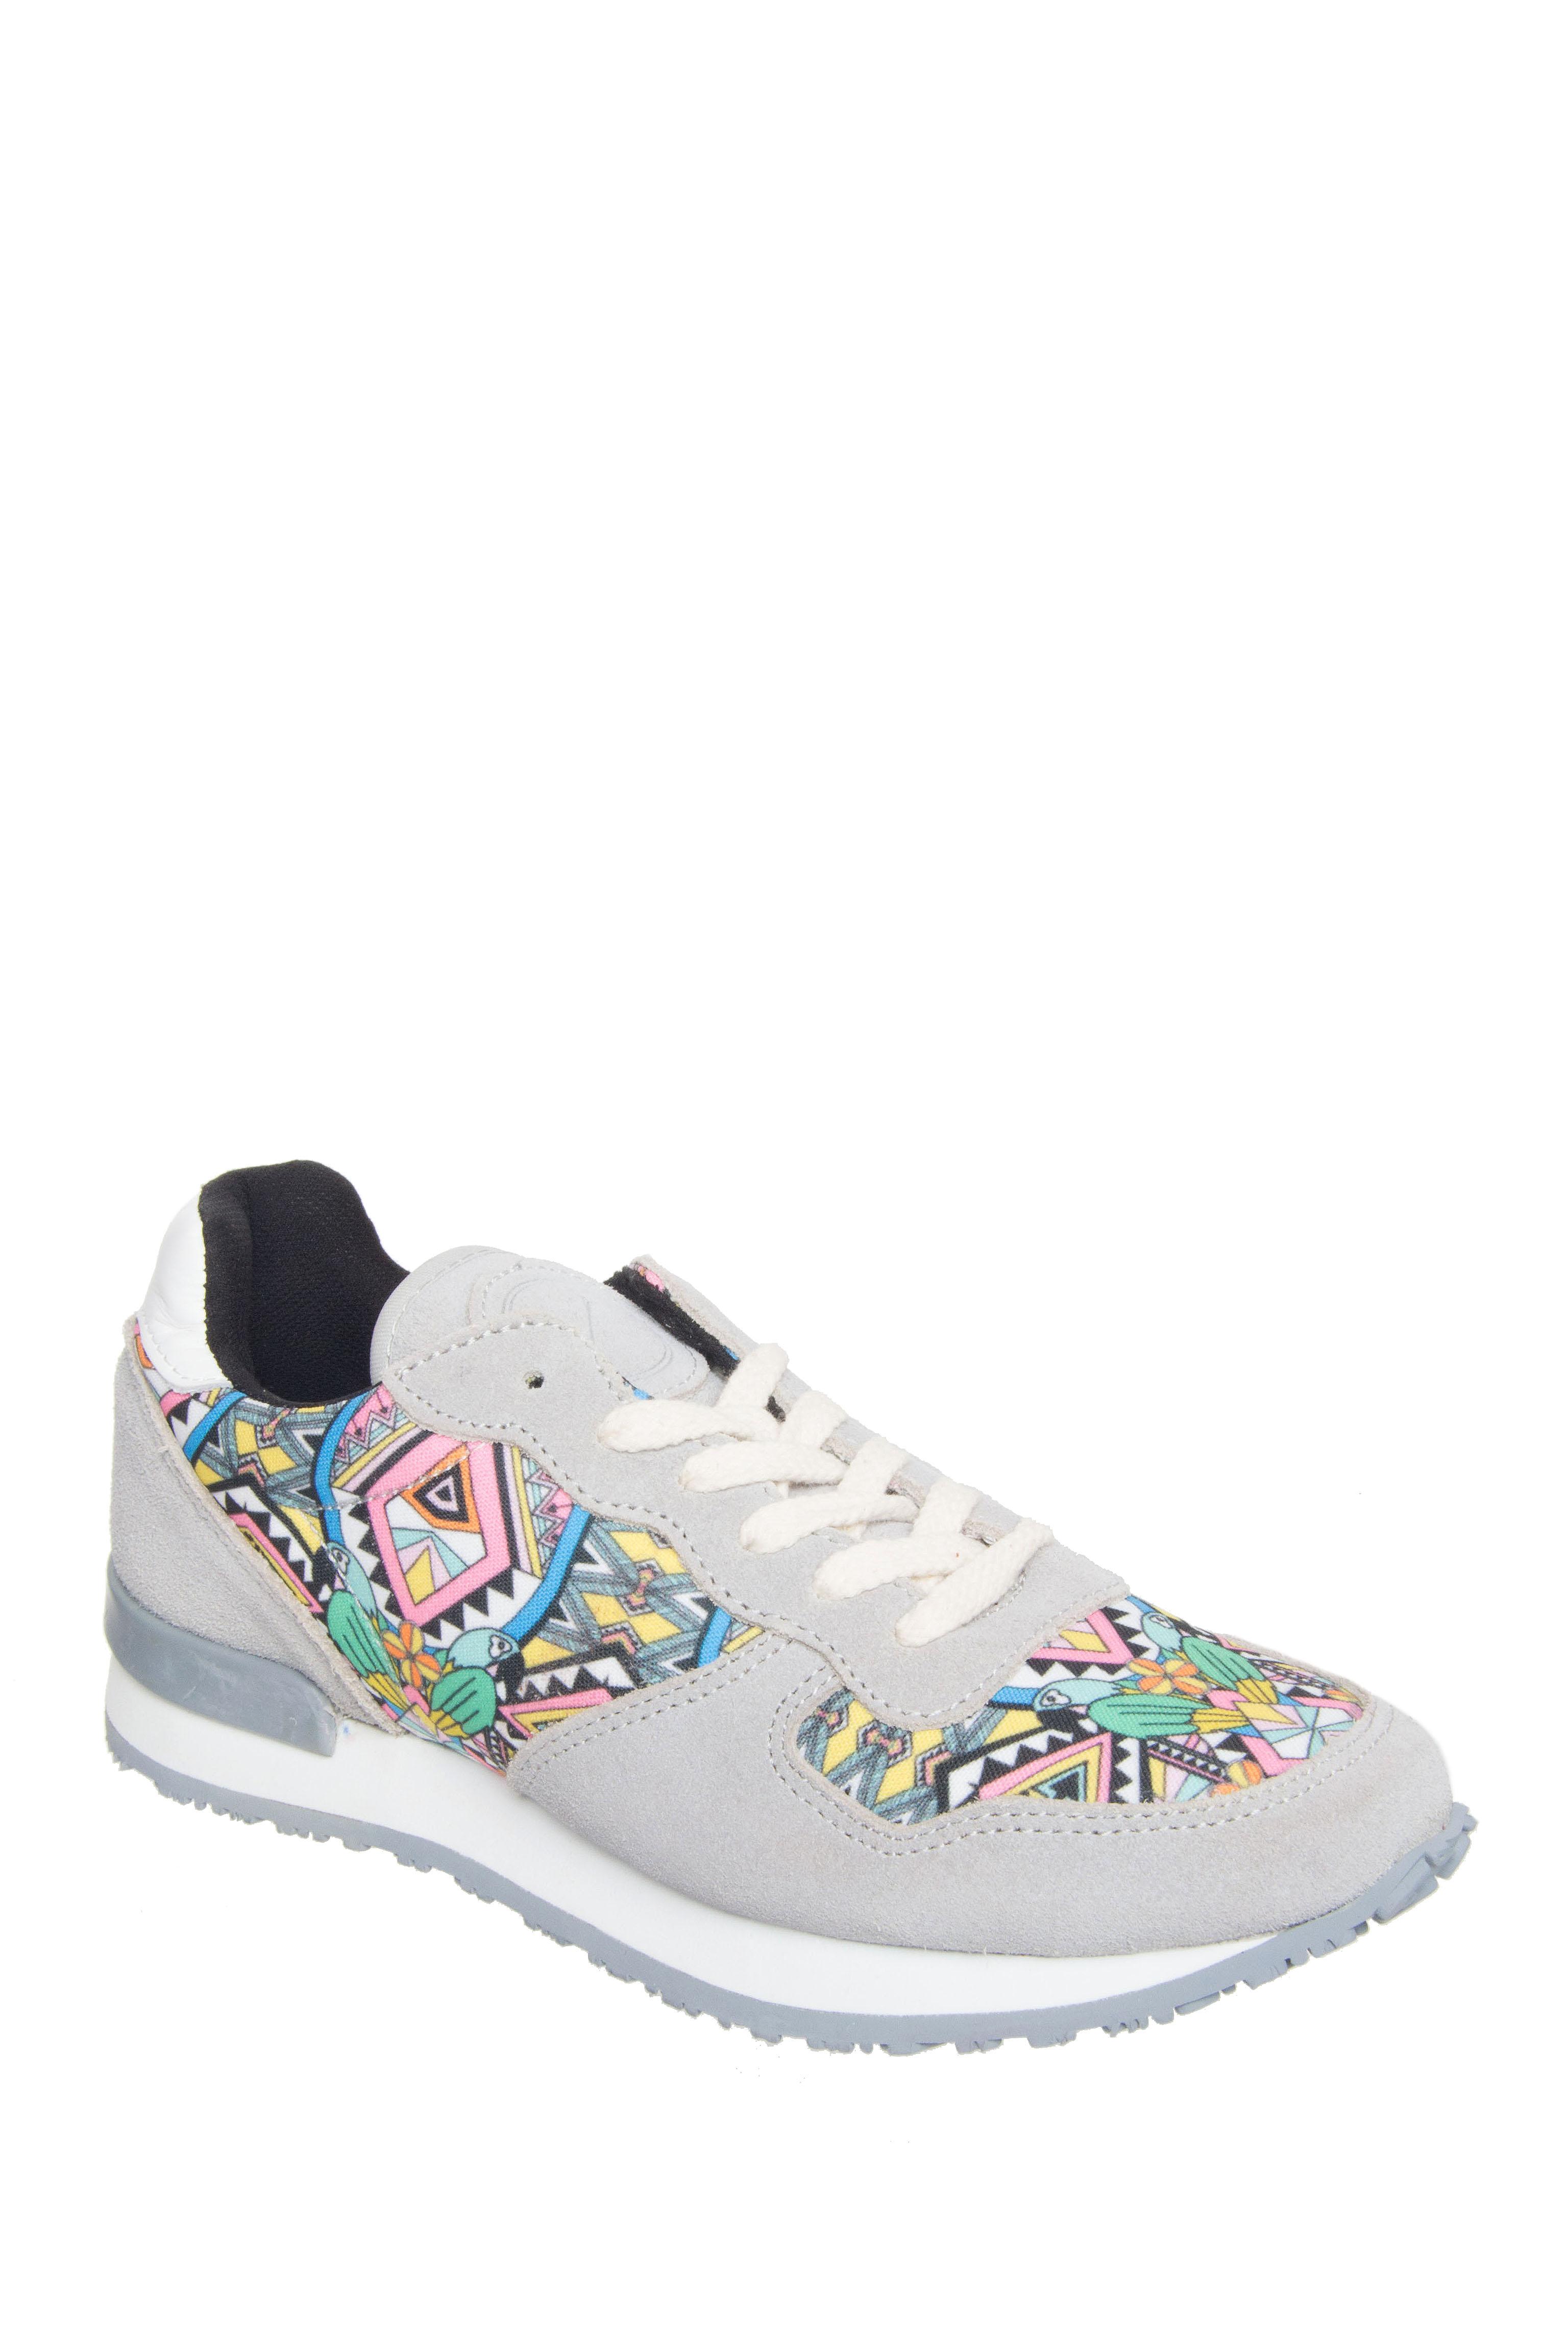 INKKAS Worldwear Jogger Sneakers - Brazil